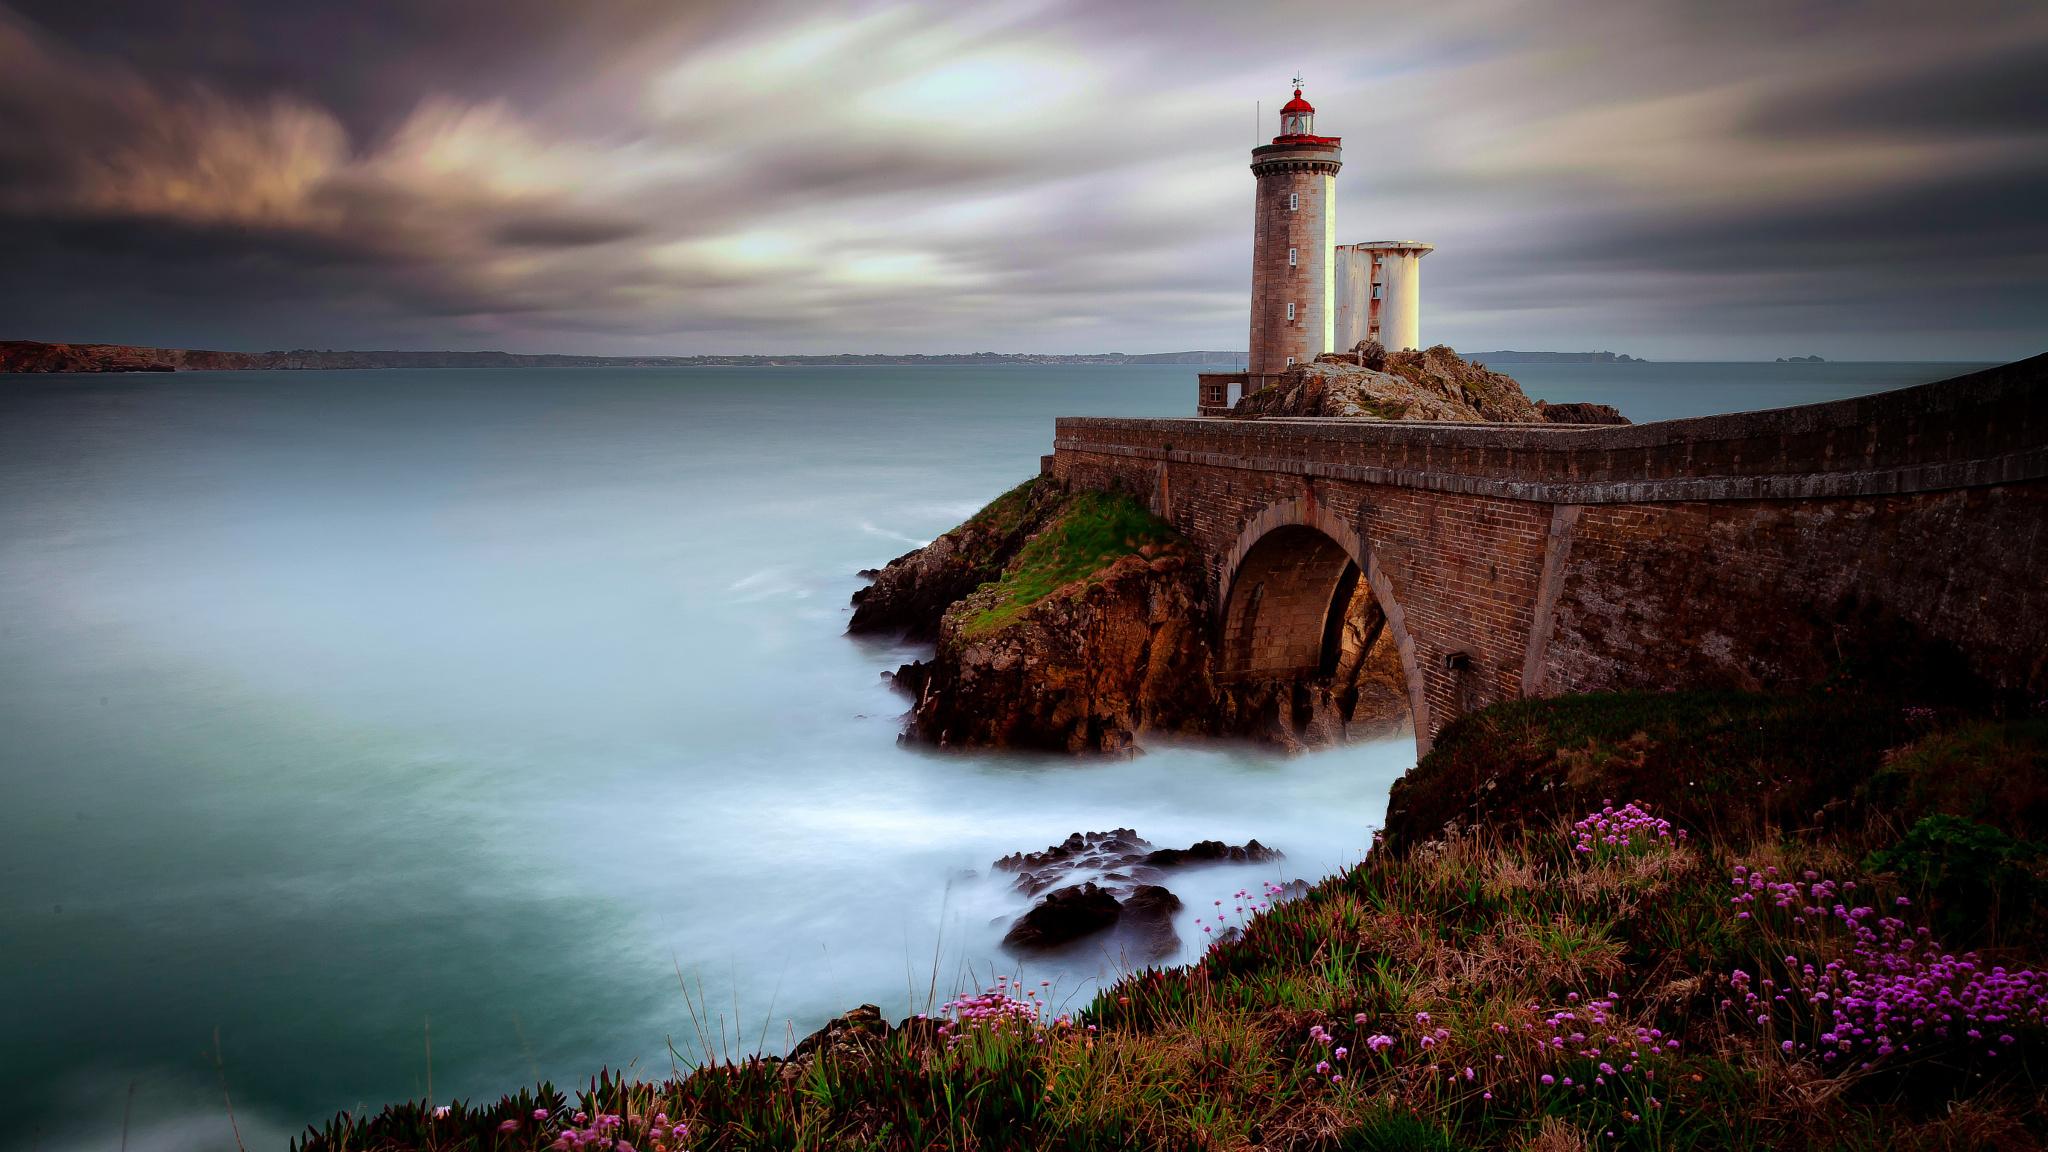 比利时摄影师wim denijs的风景作品(一)